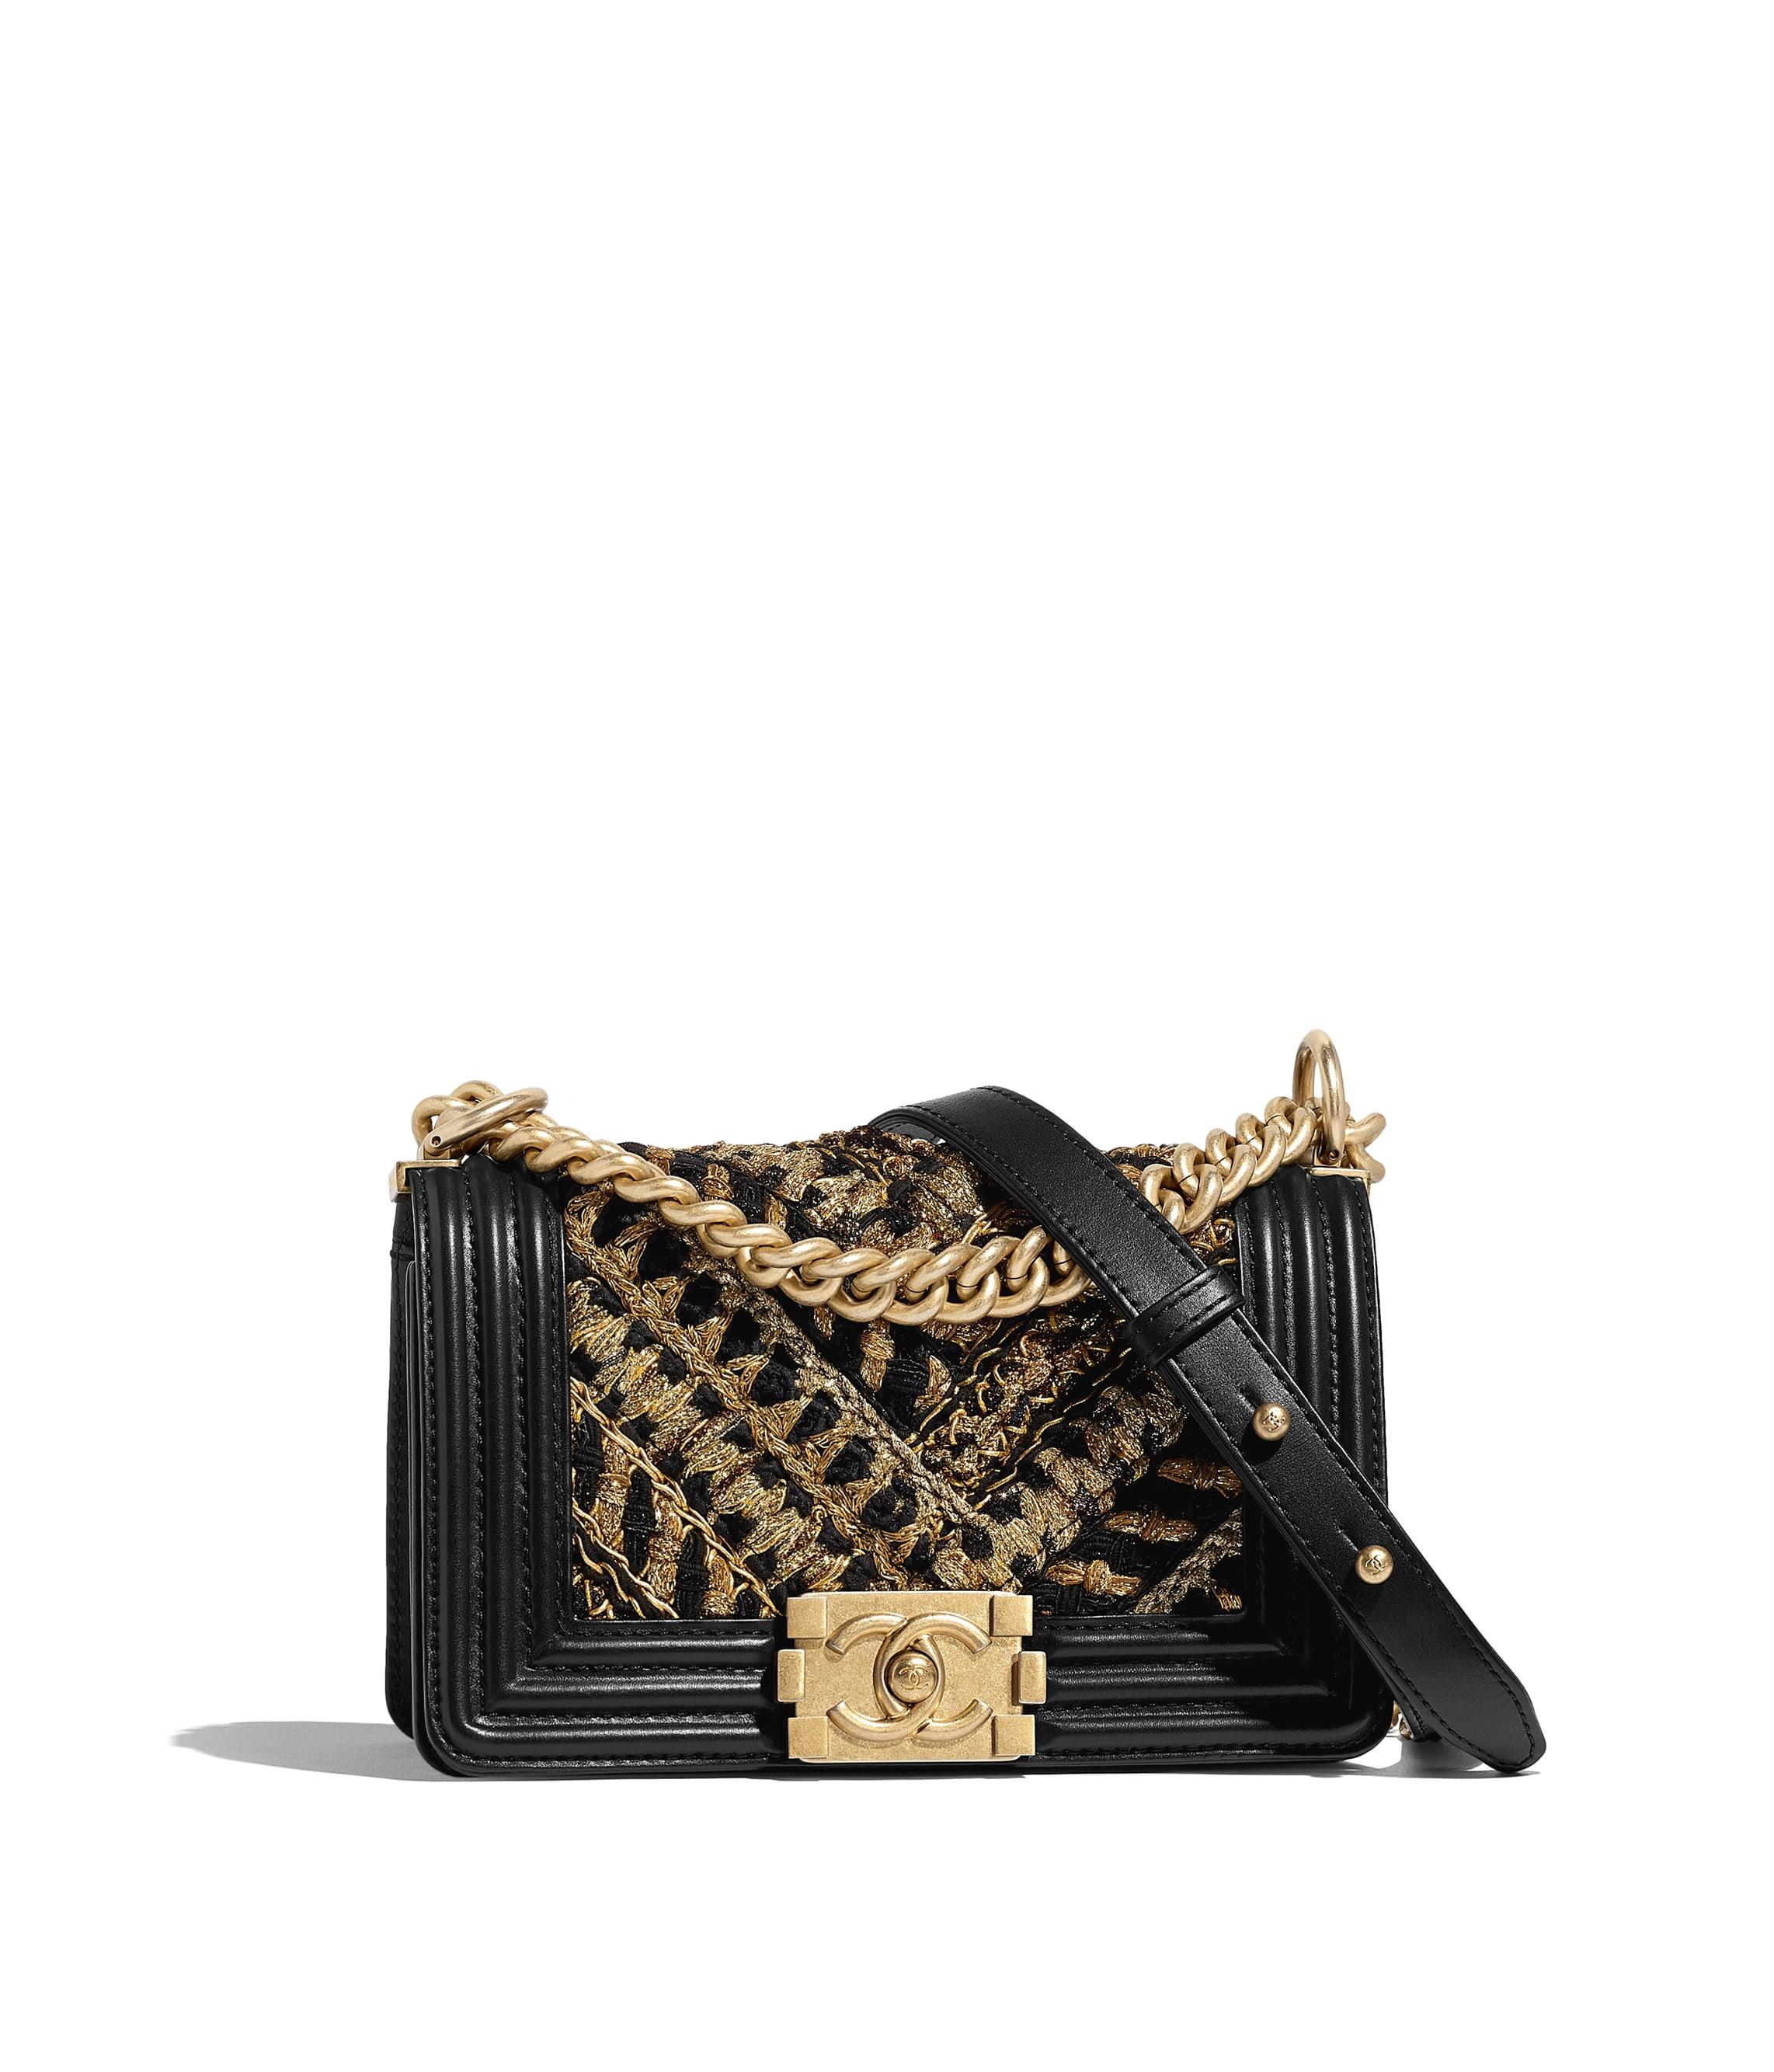 5596091704b2 BOY CHANEL - Handbags - CHANEL